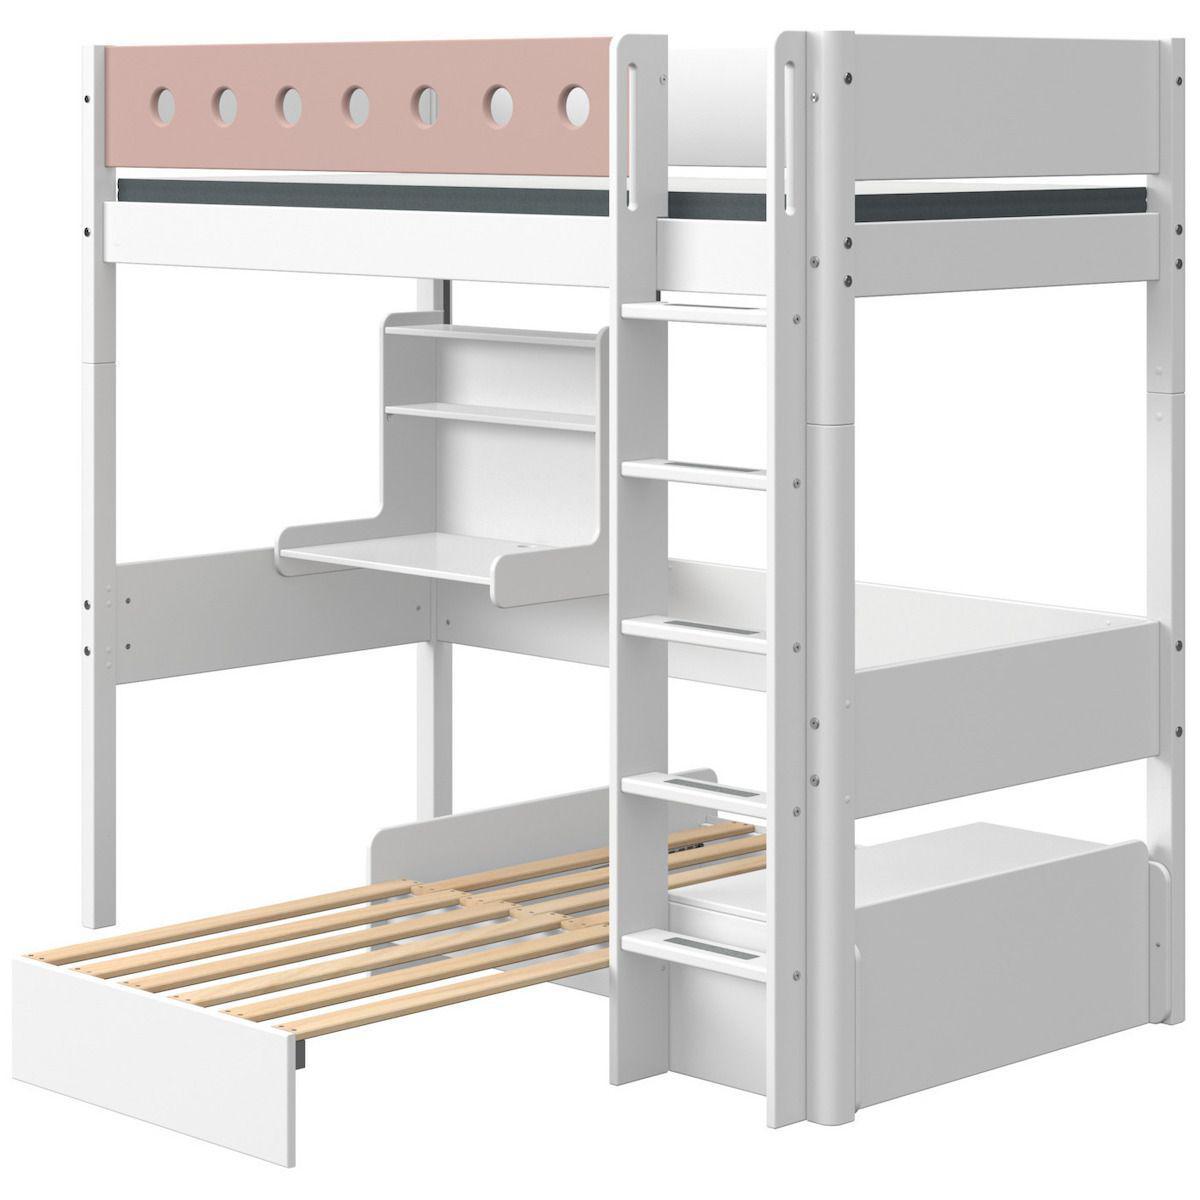 Hochbett mitwachsend 90x200cm gerade Leiter Schlafmoduk-Schreibtisch CLICK-ON WHITE Flexa weiß-light rose